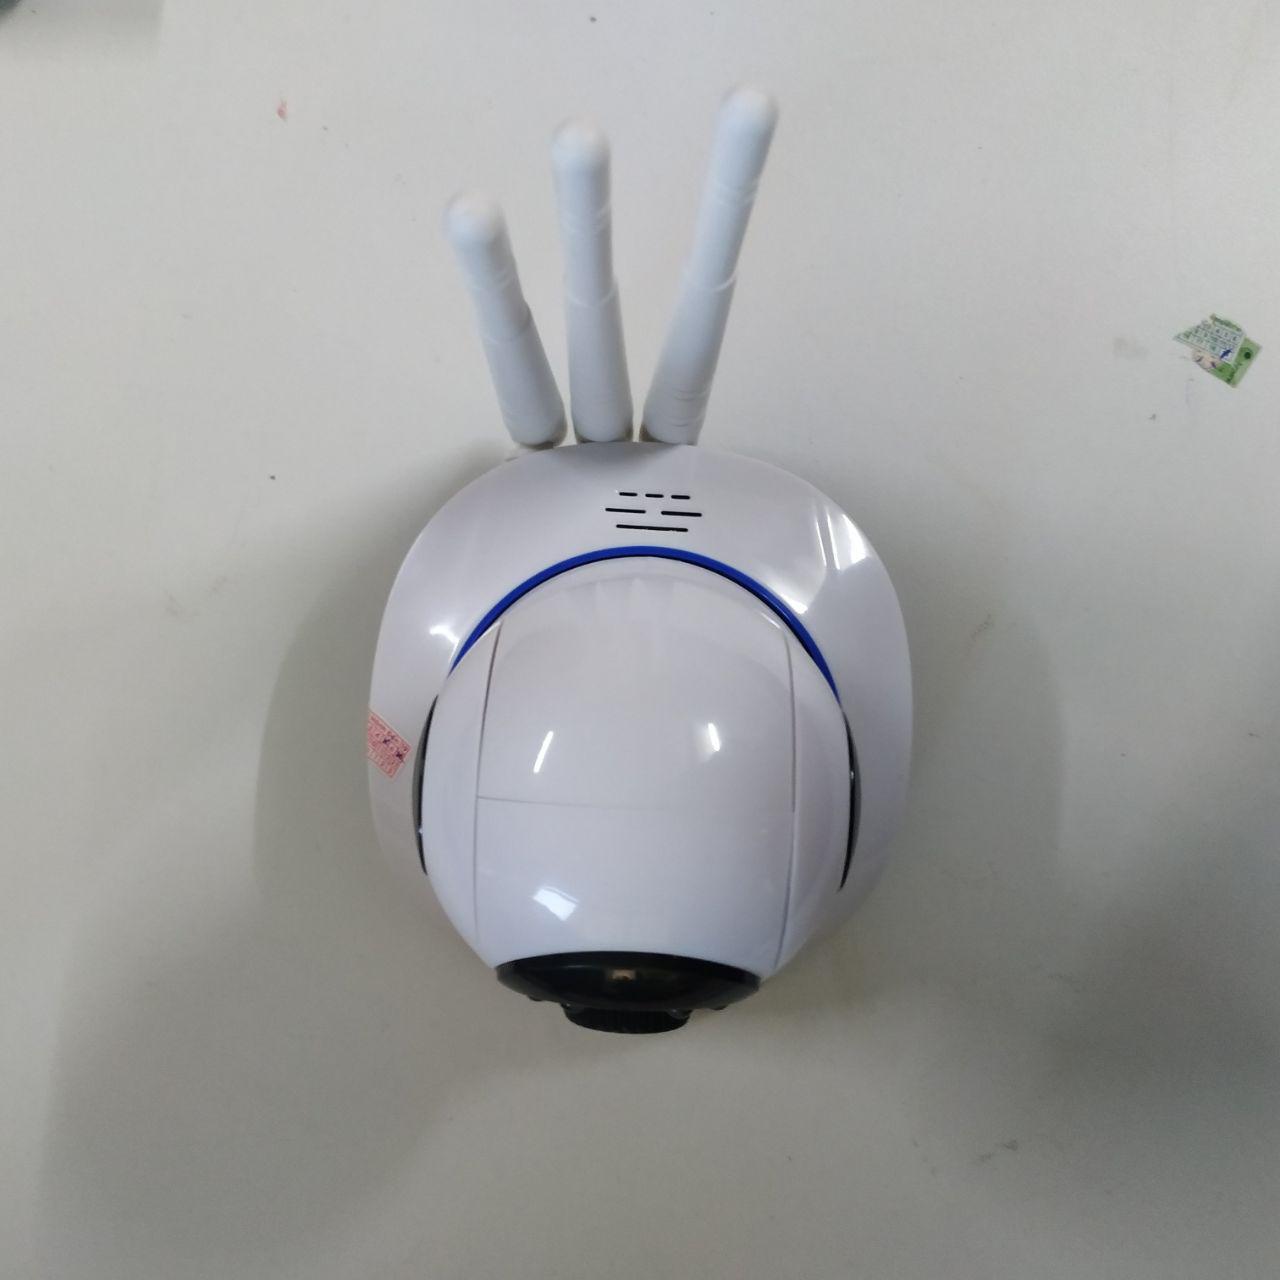 Hình ảnh thực tế sản phẩm camera Yoosee 3 Râu.